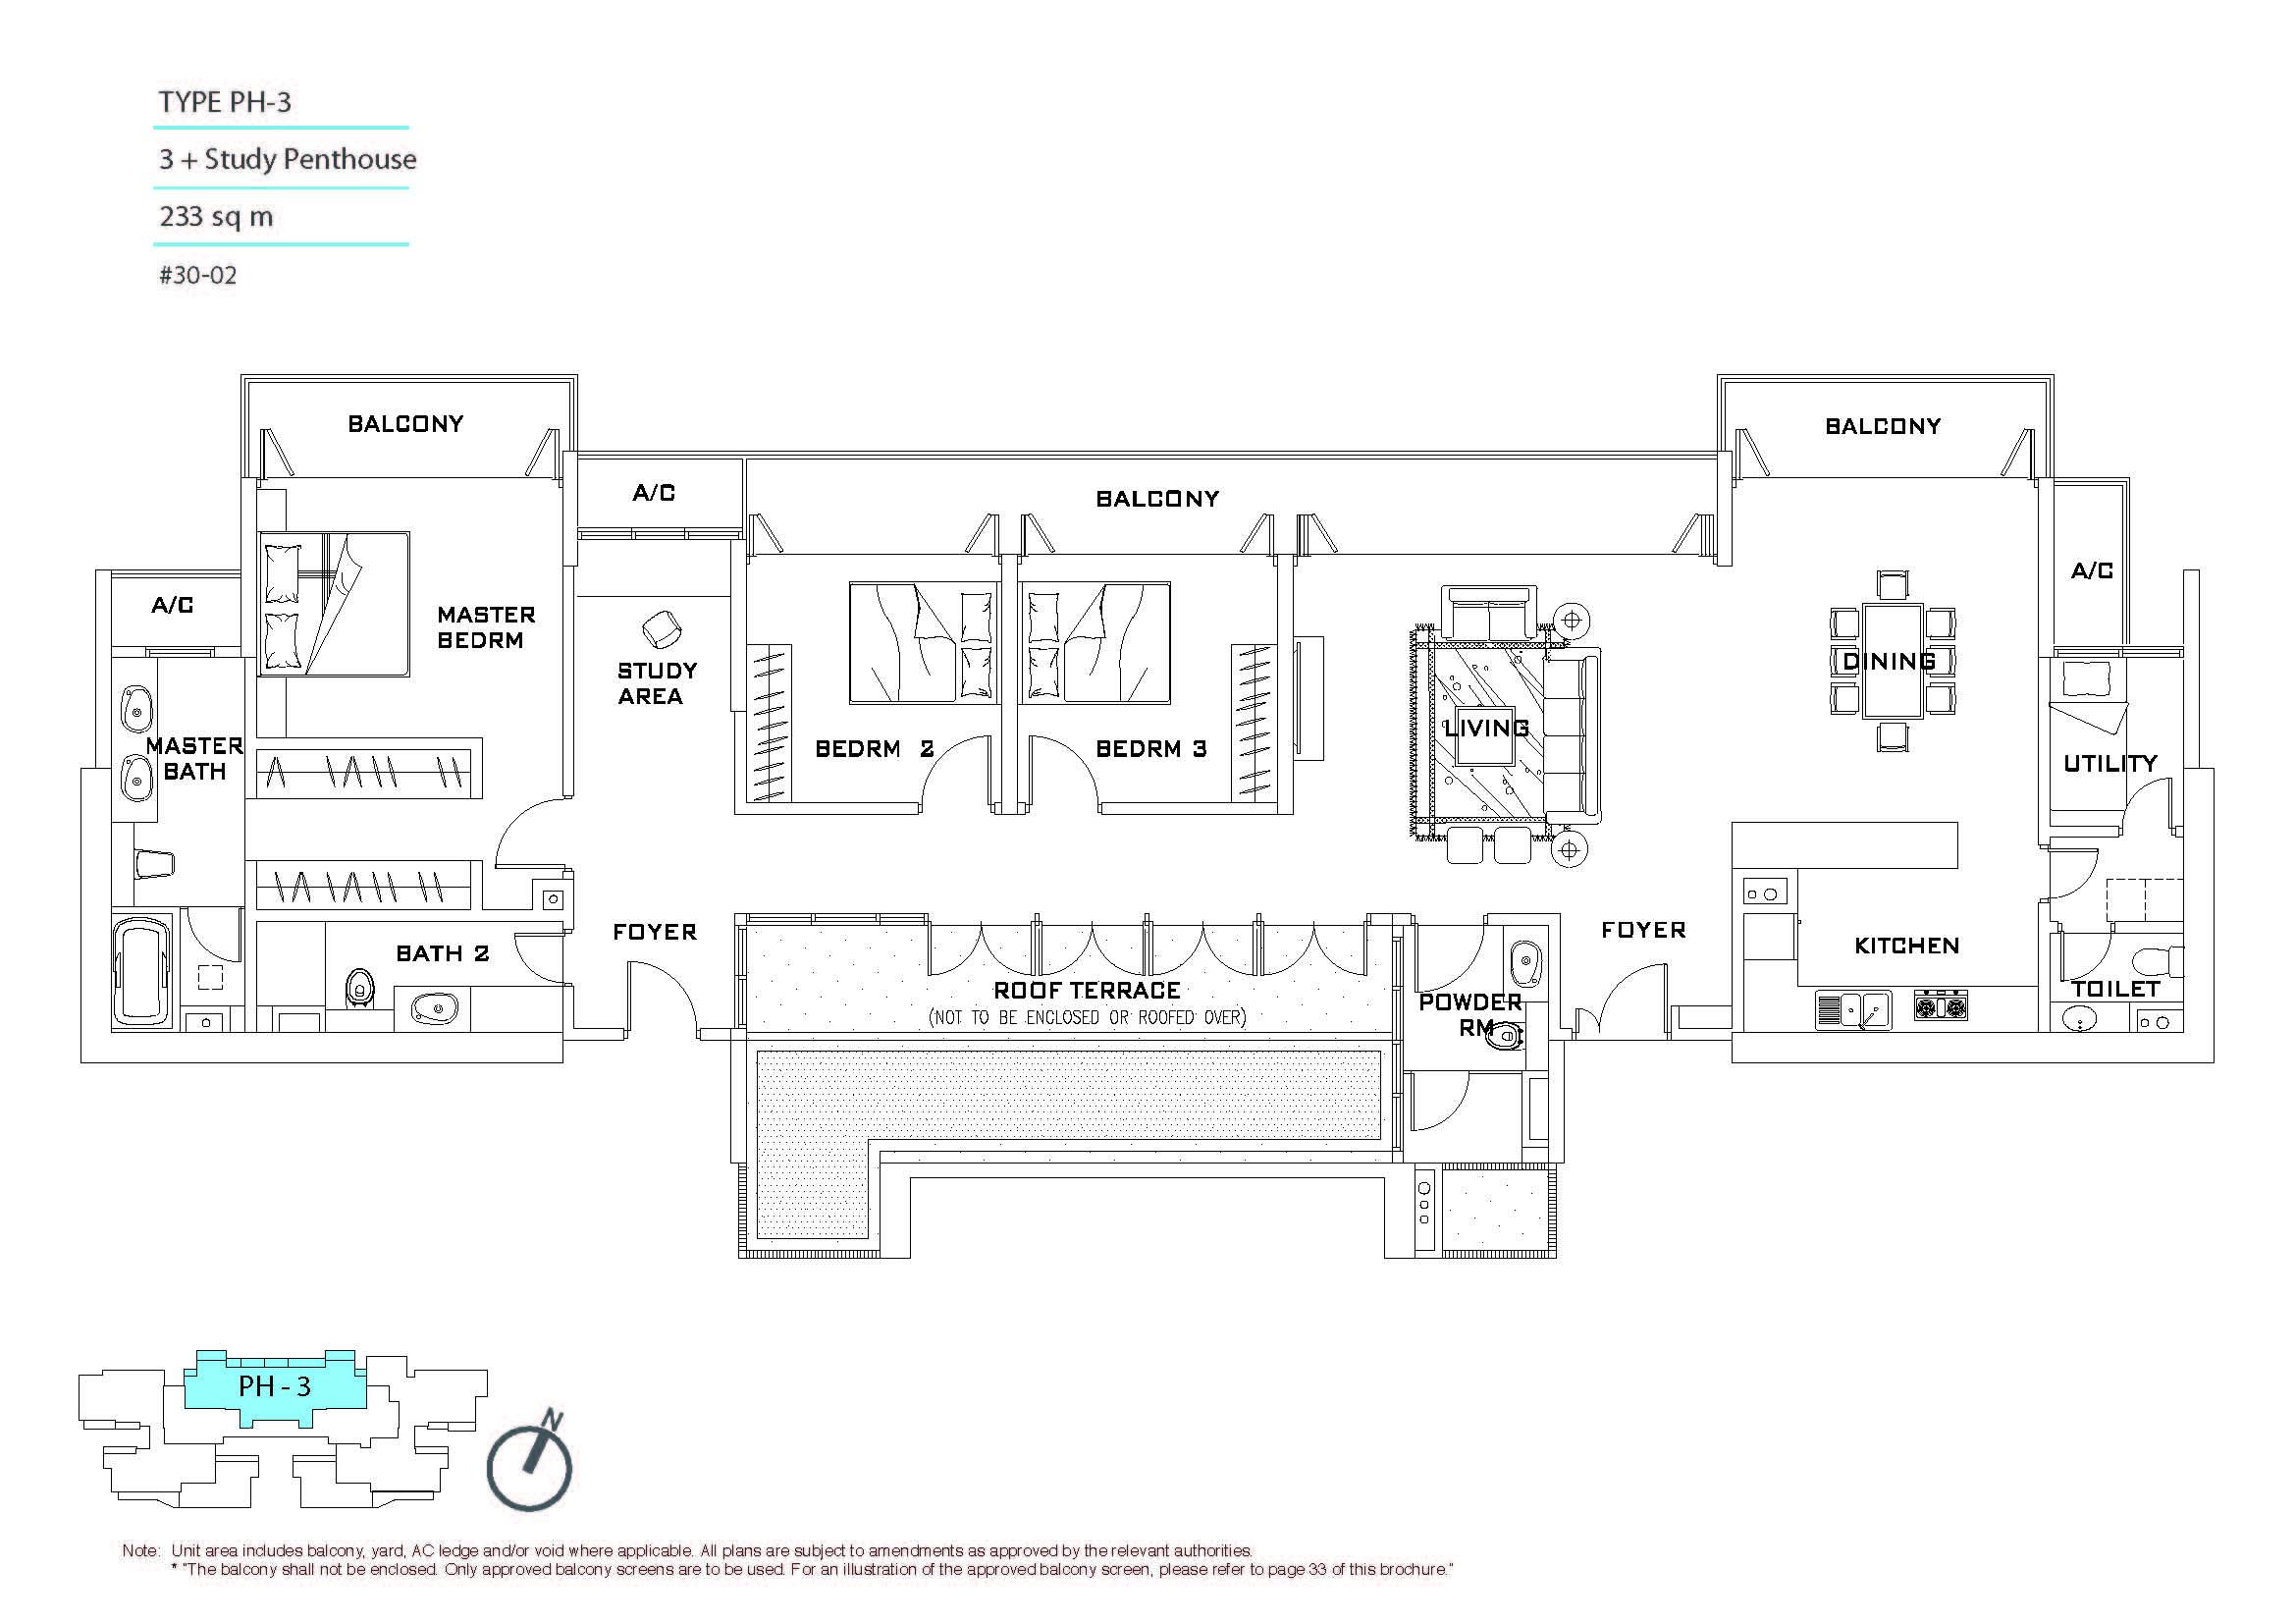 #30-02, 3 + Study Penthouse